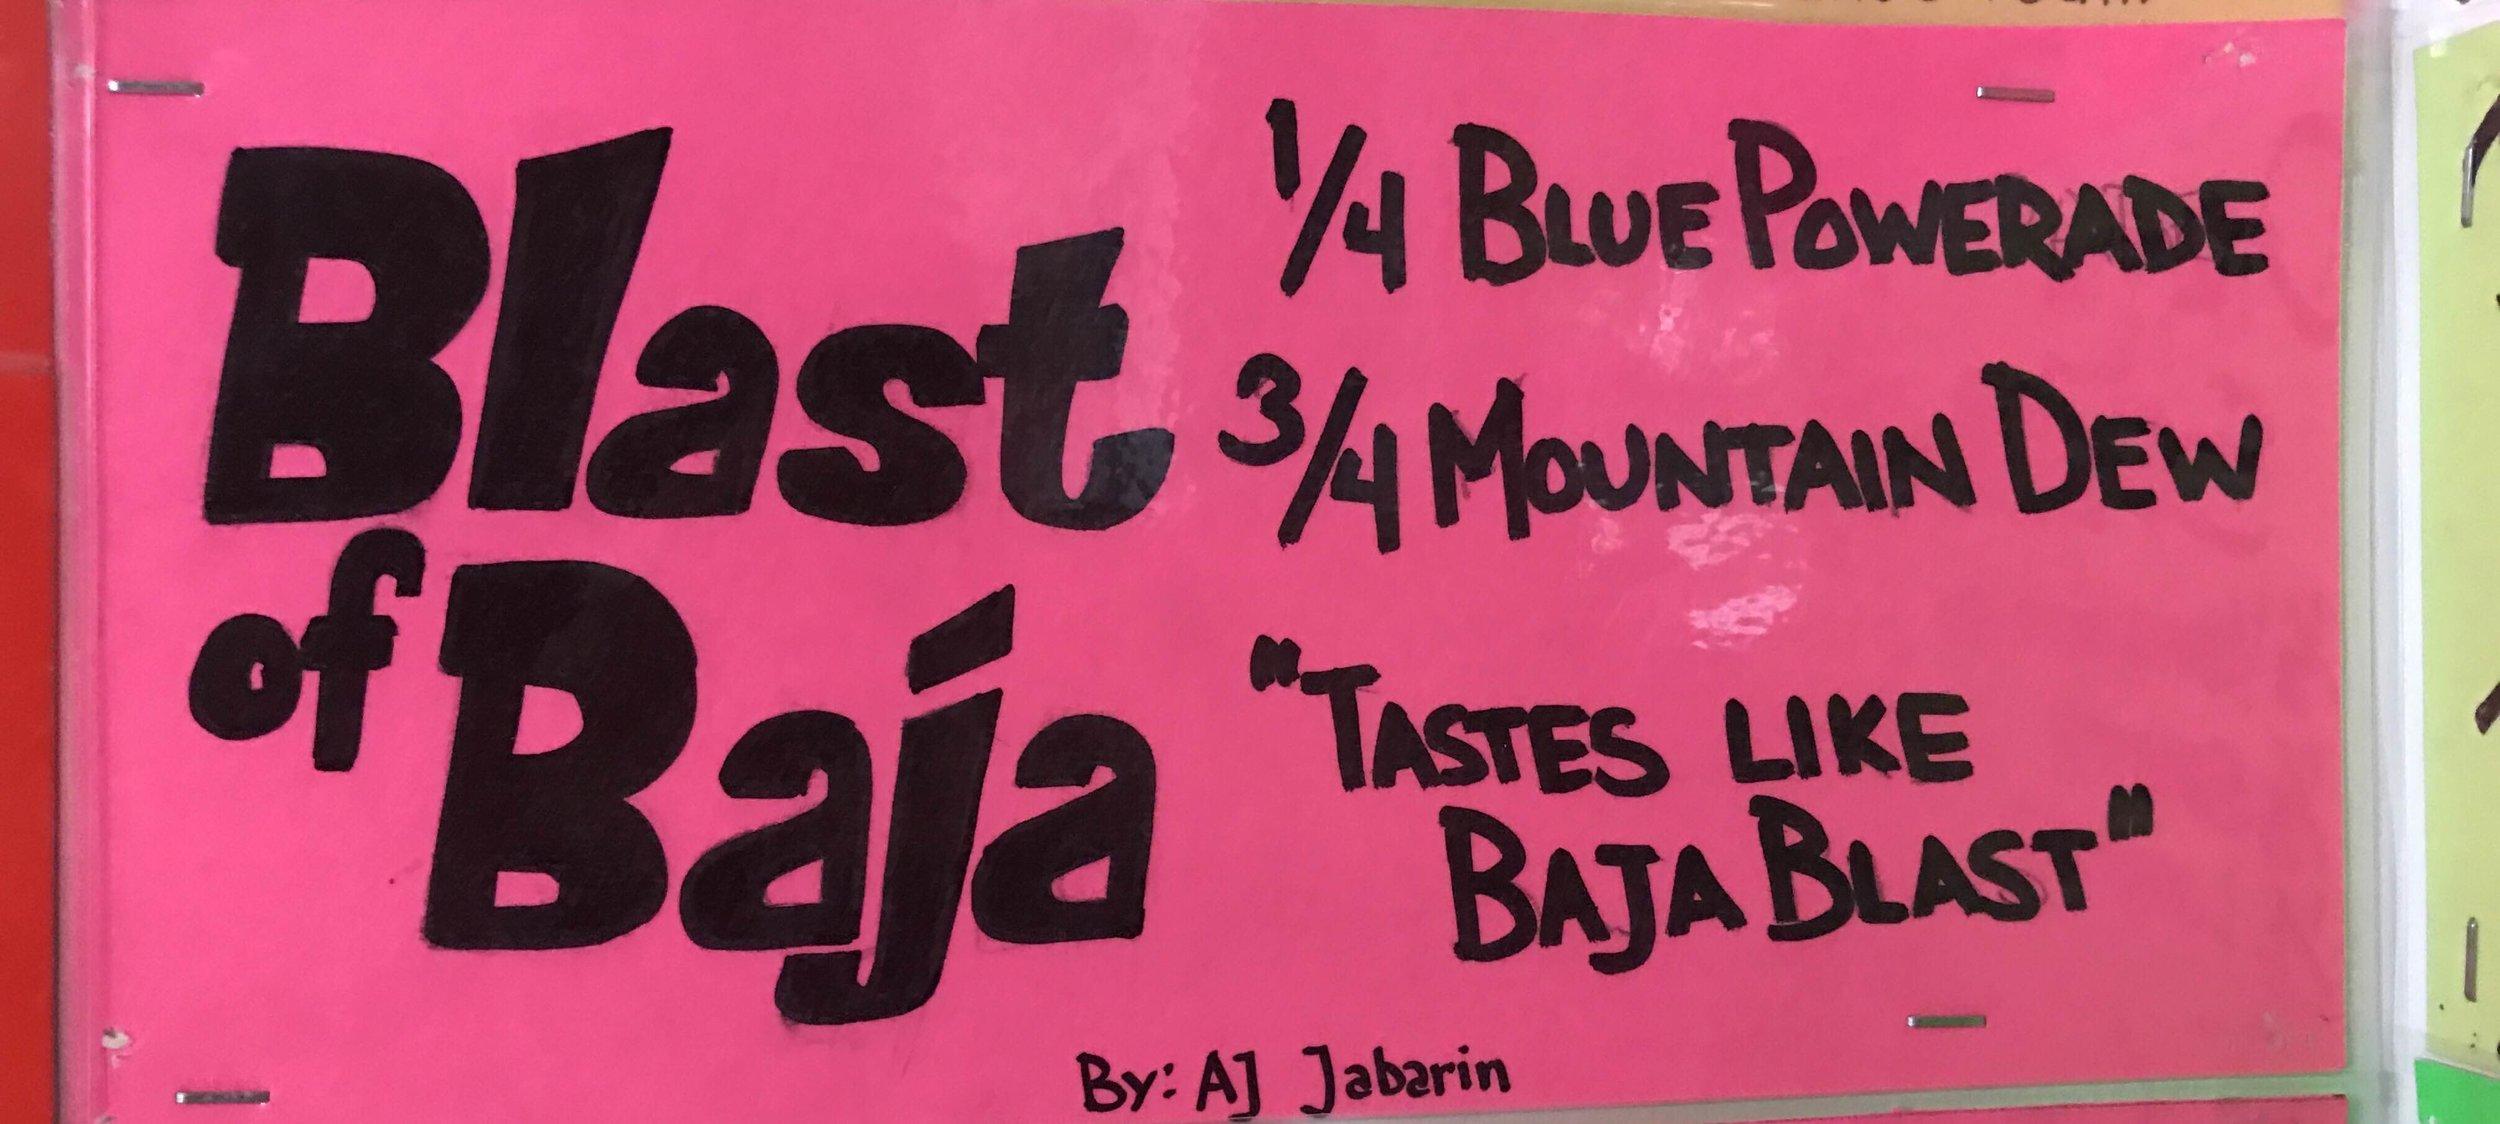 Blast of Baja.JPG